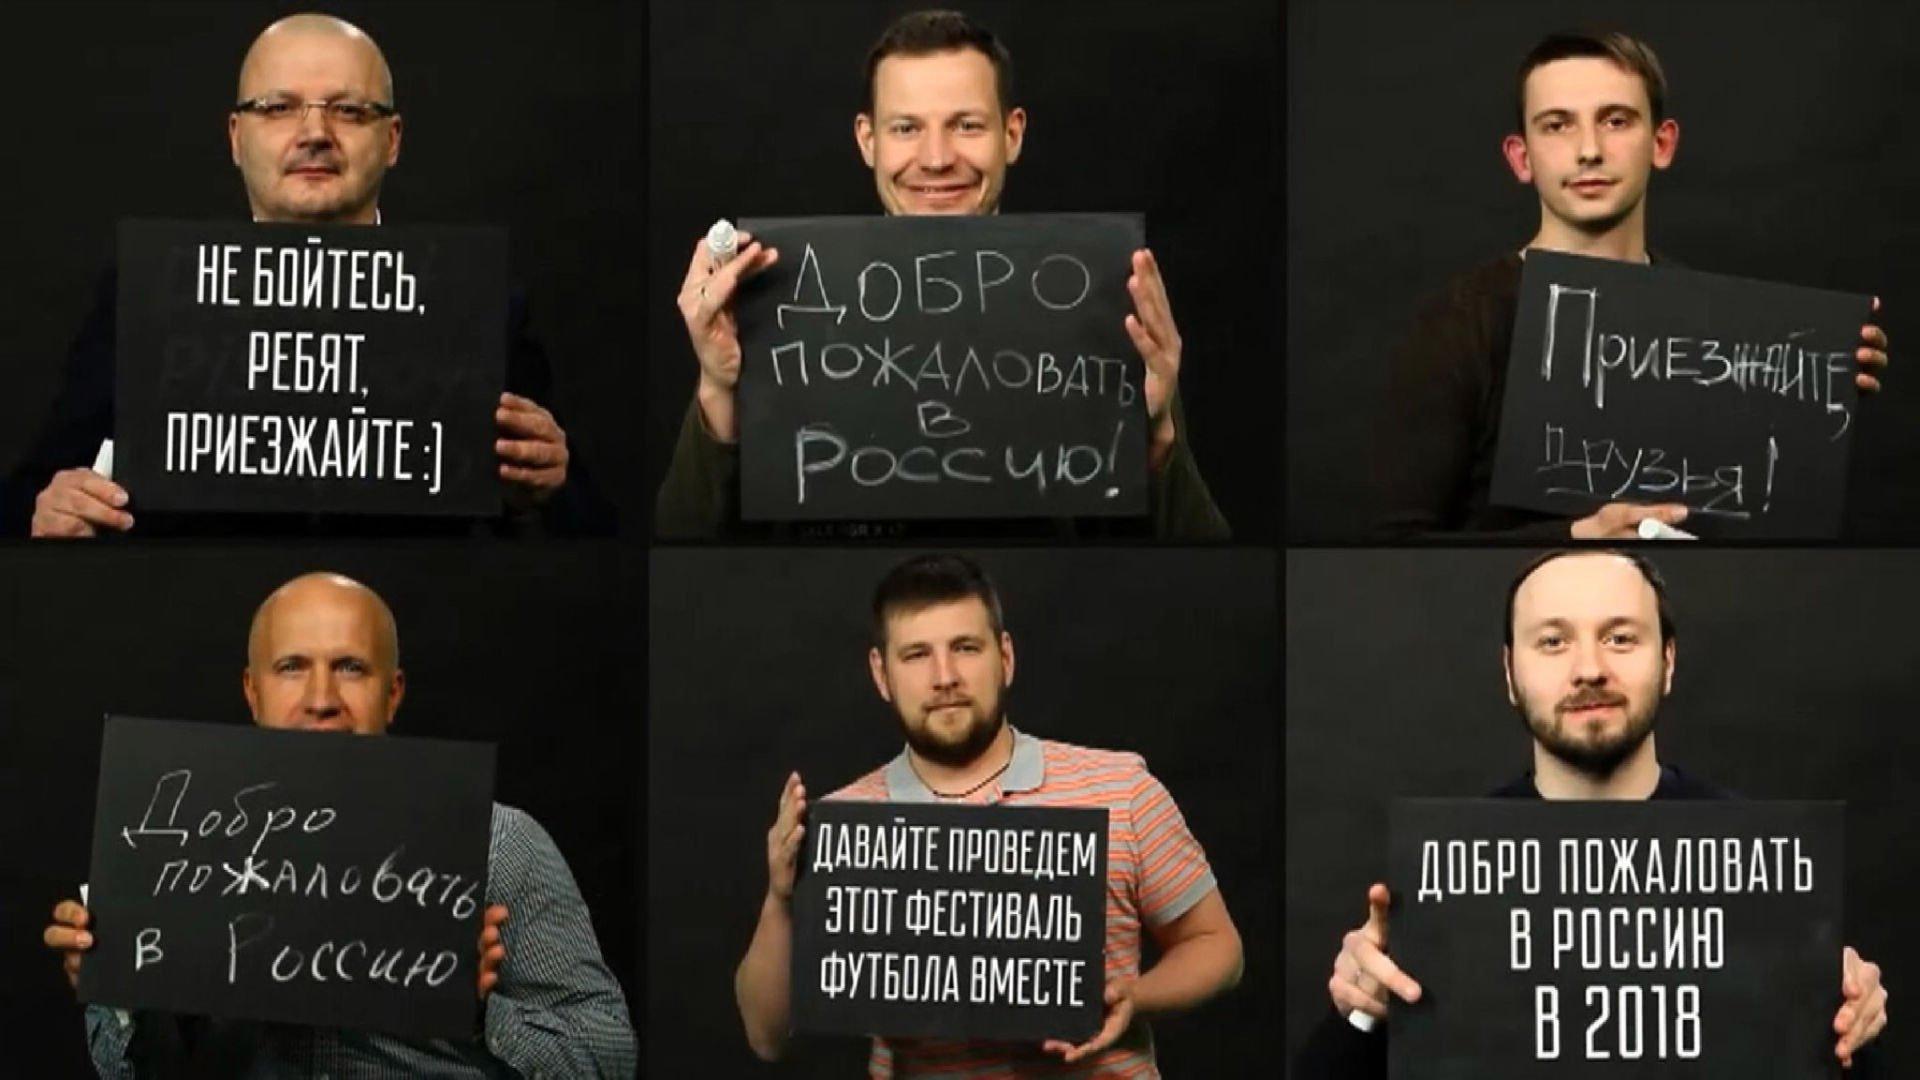 Картинки прикольные добро пожаловать в россию